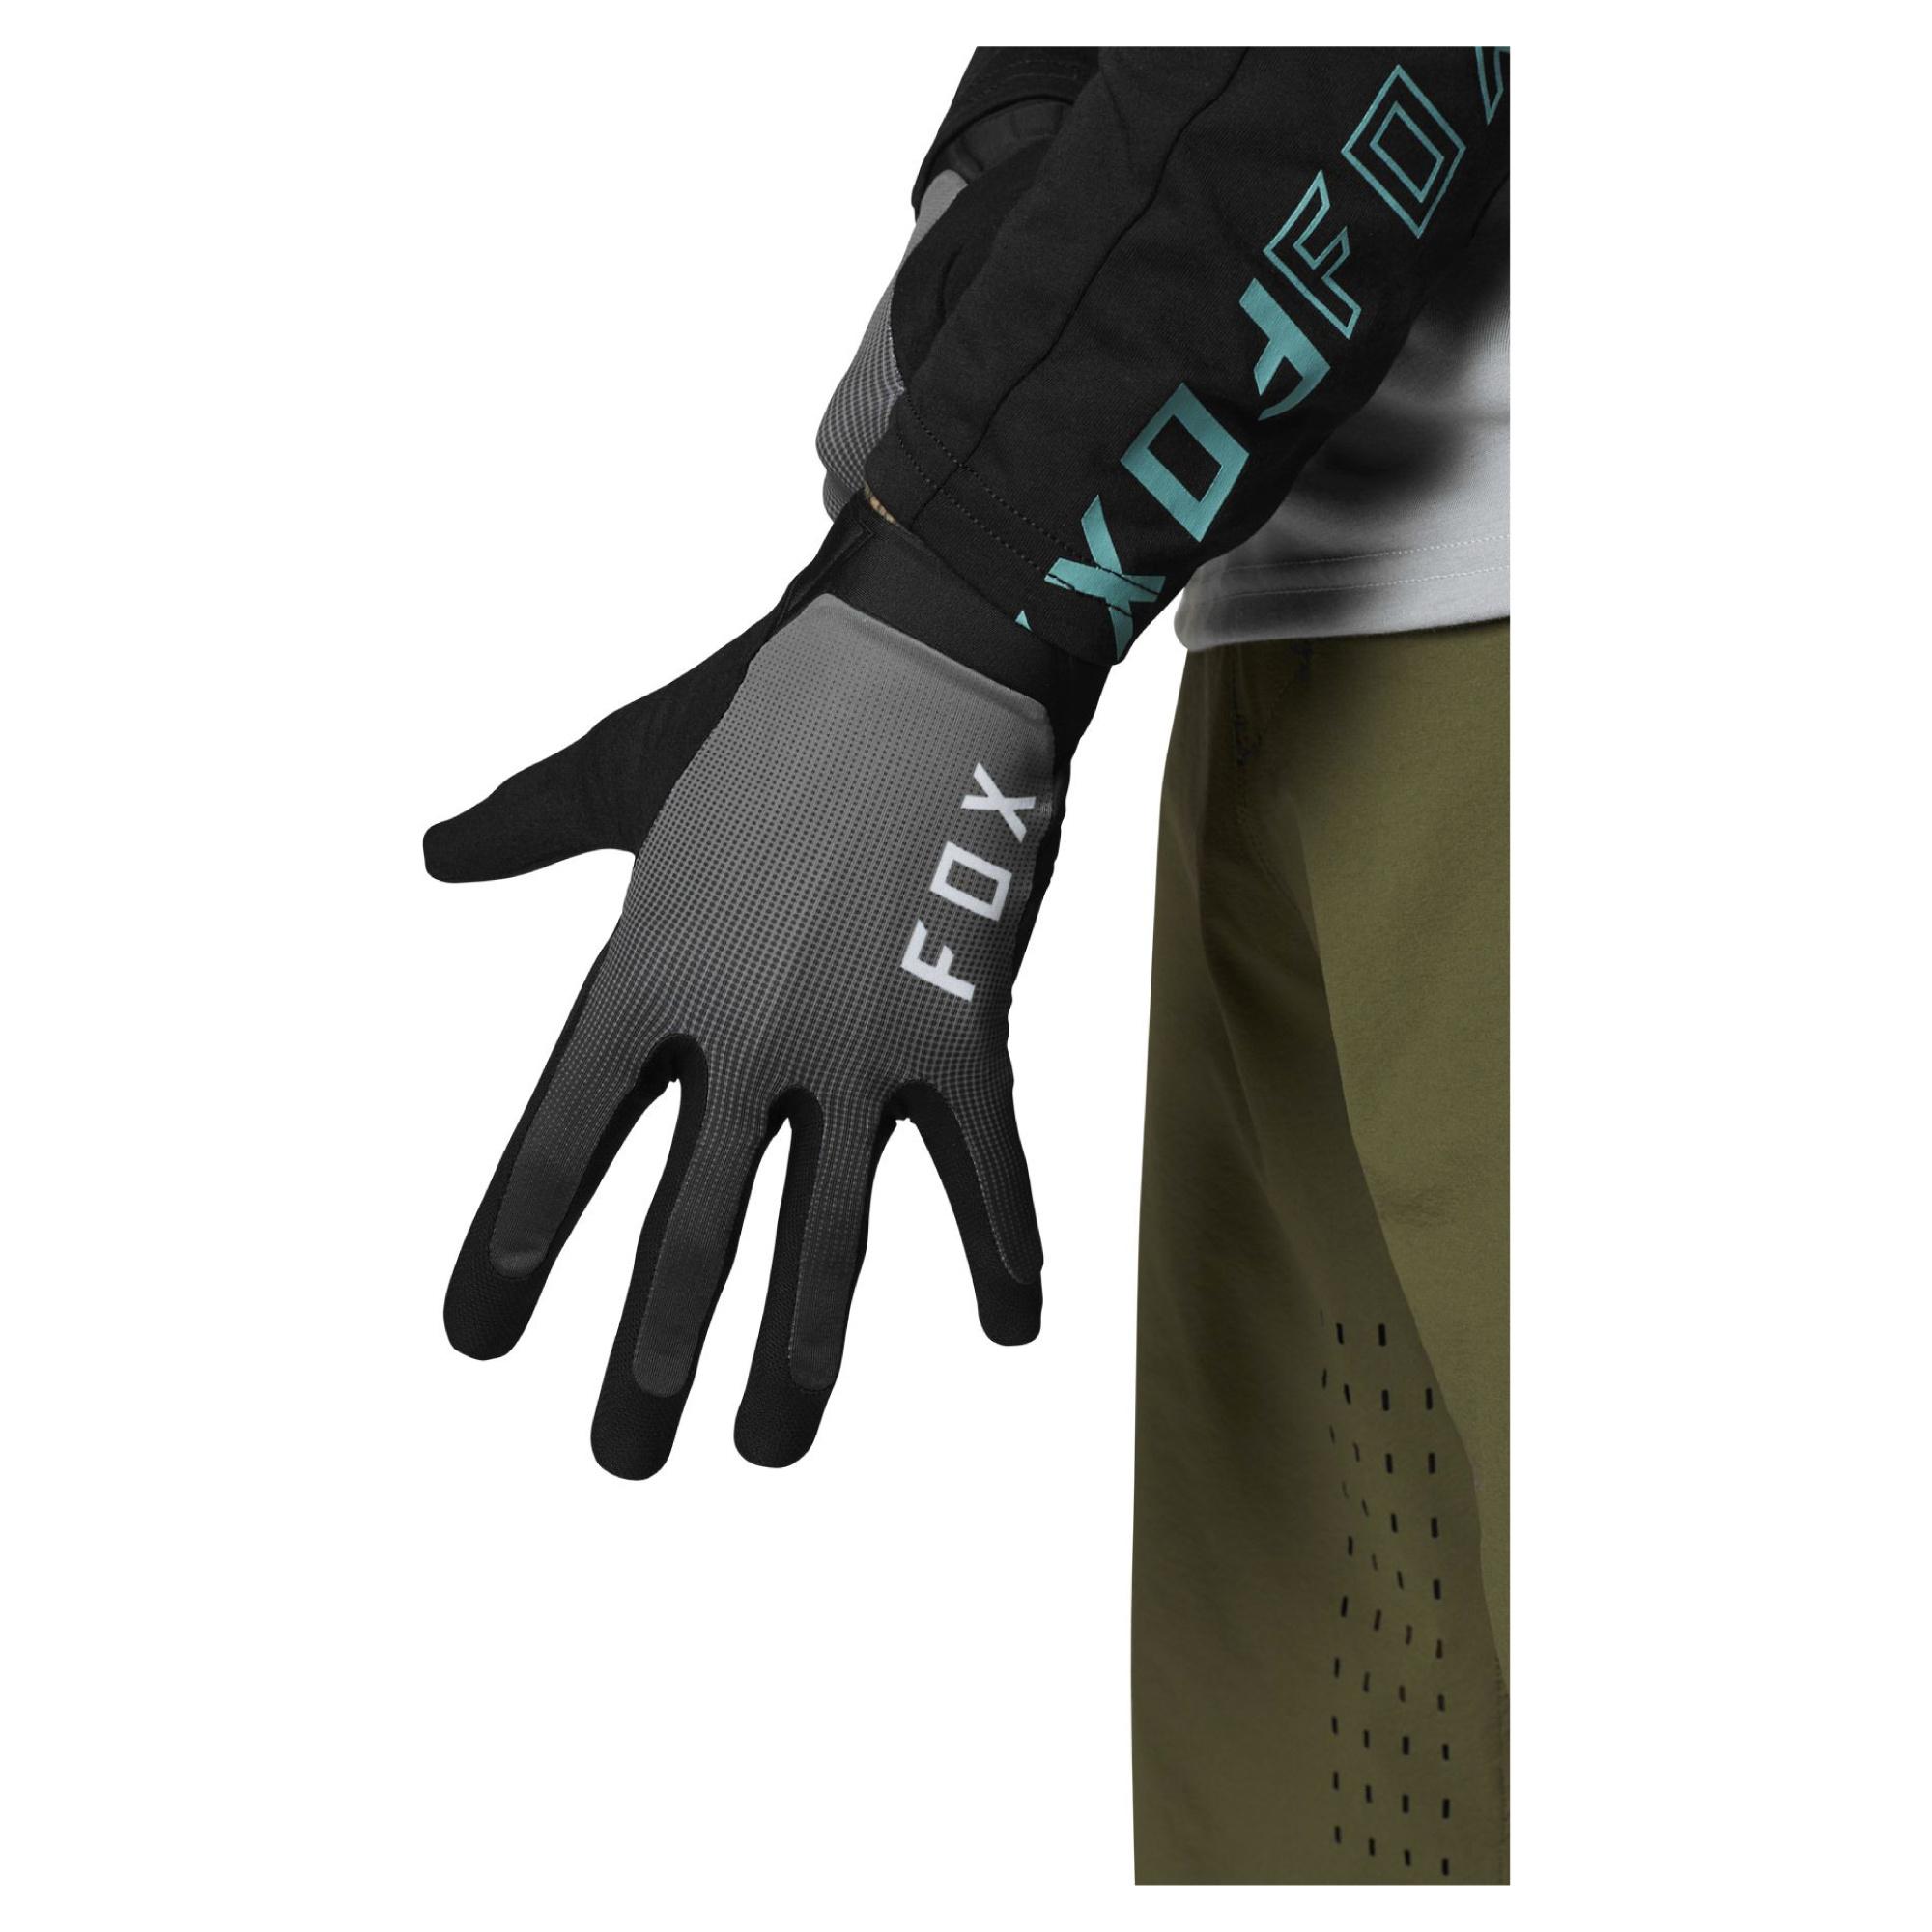 Flexair Ascent Glove 2021-1